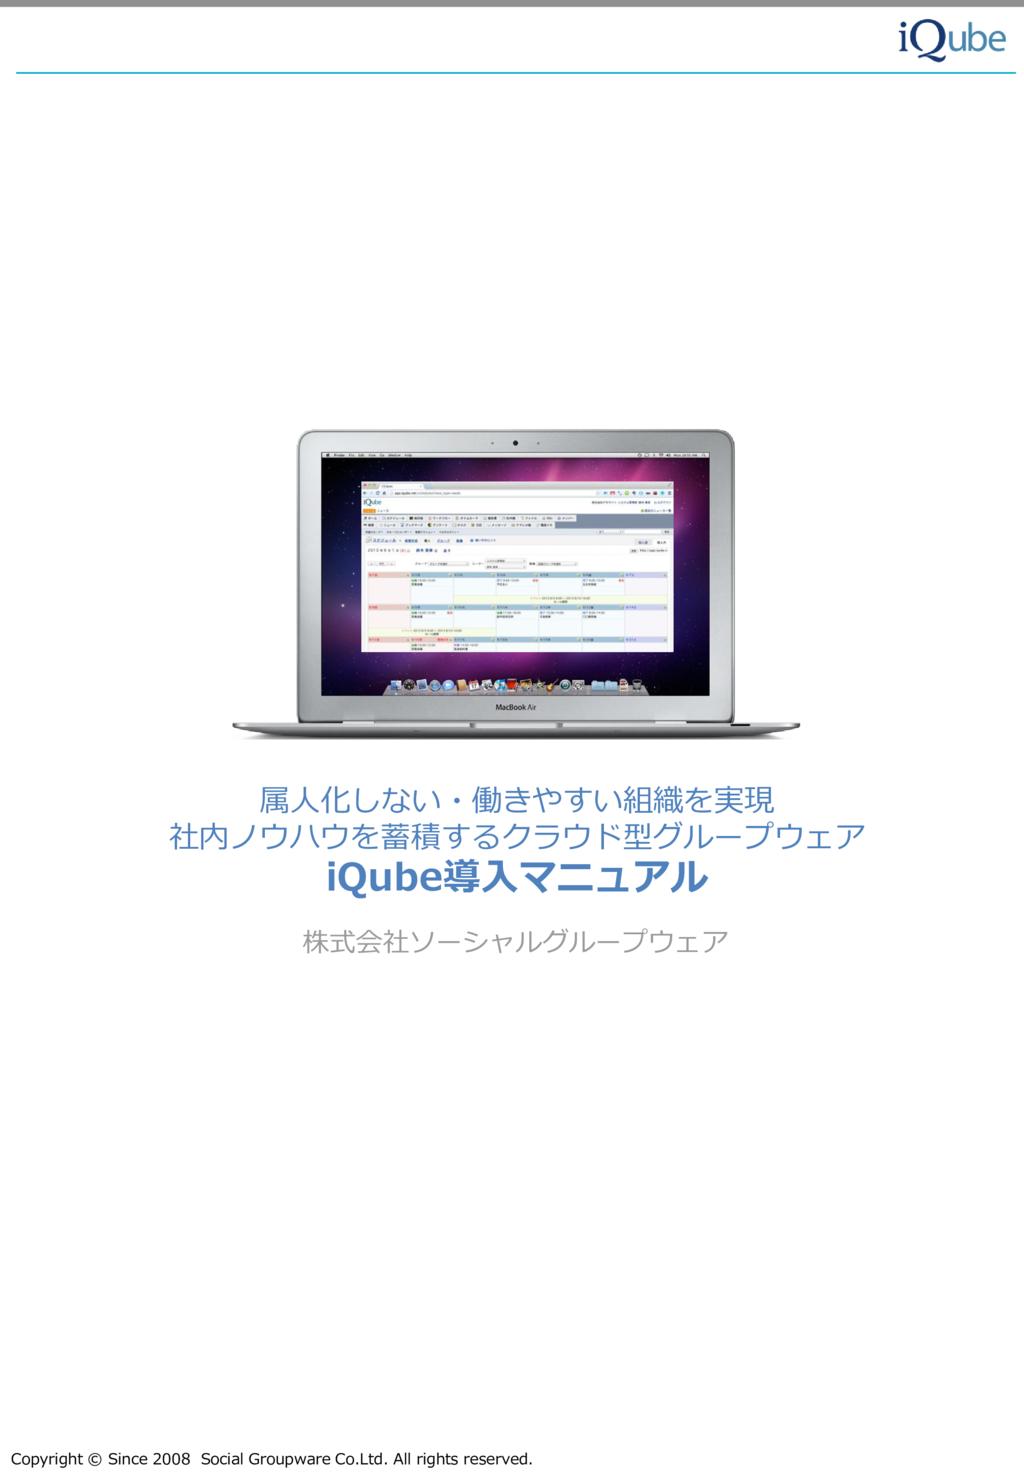 iQubeの資料